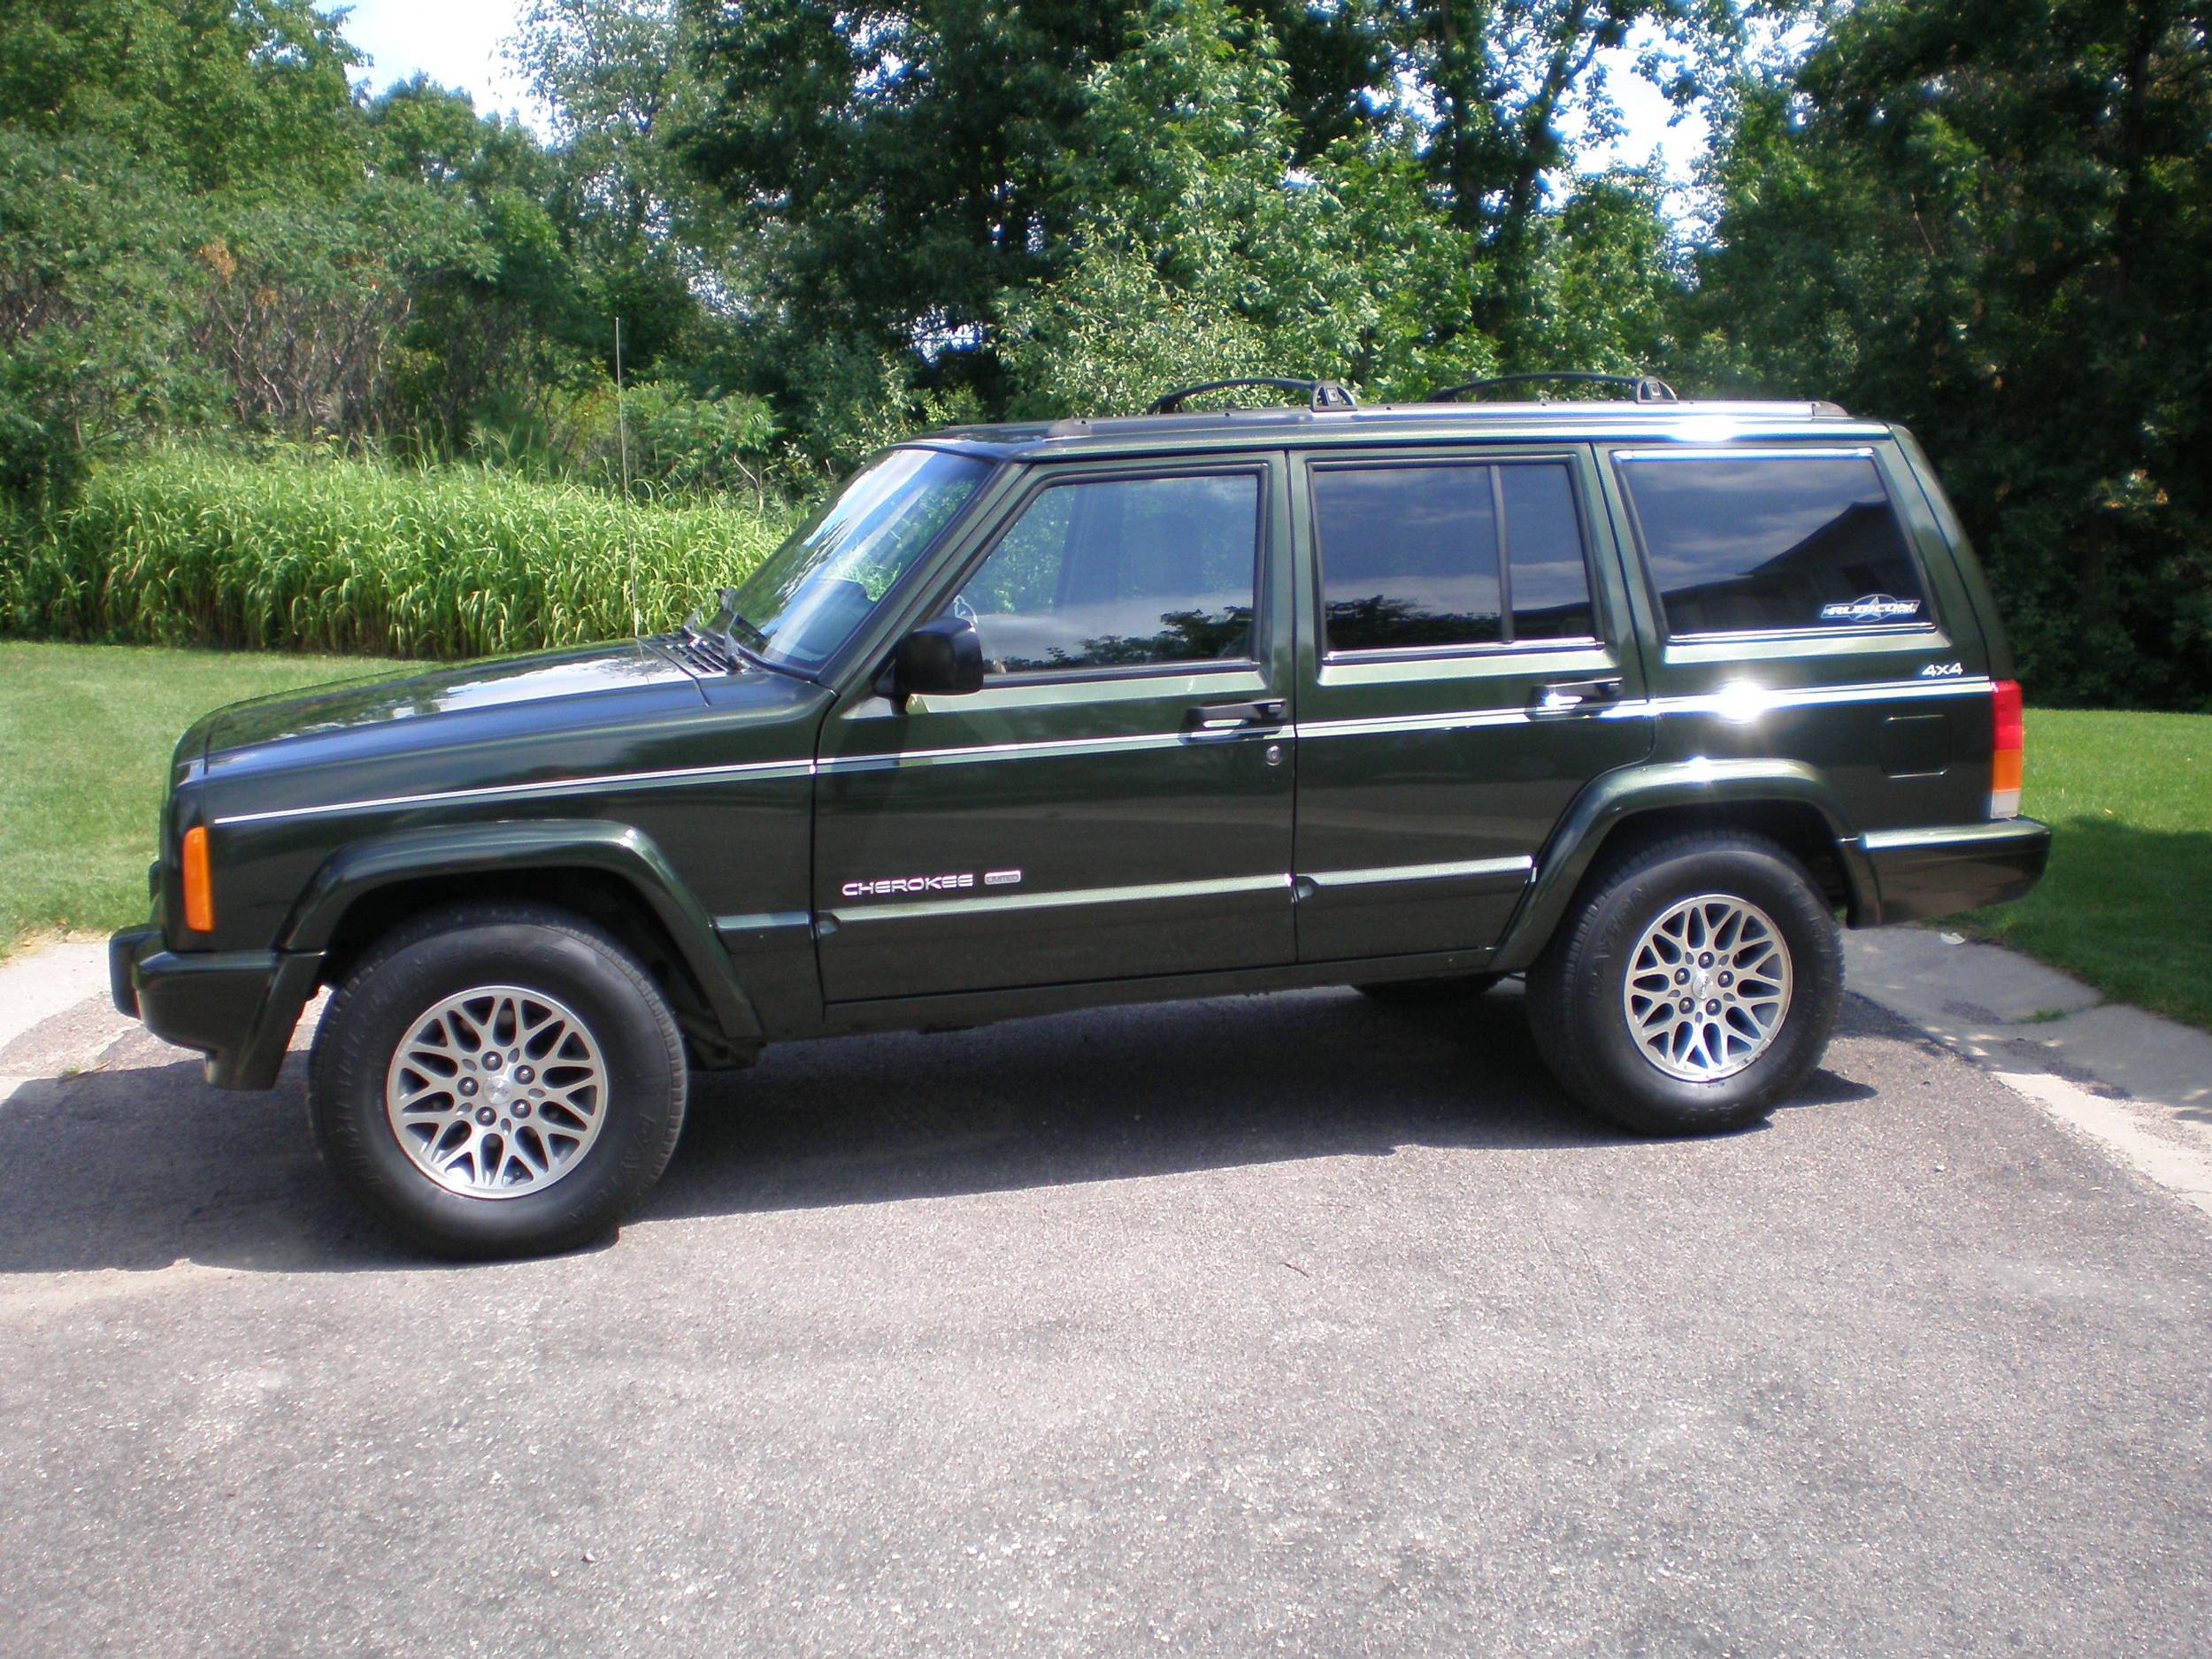 98_XJ_Jeep_Cherokee_0031.JPG